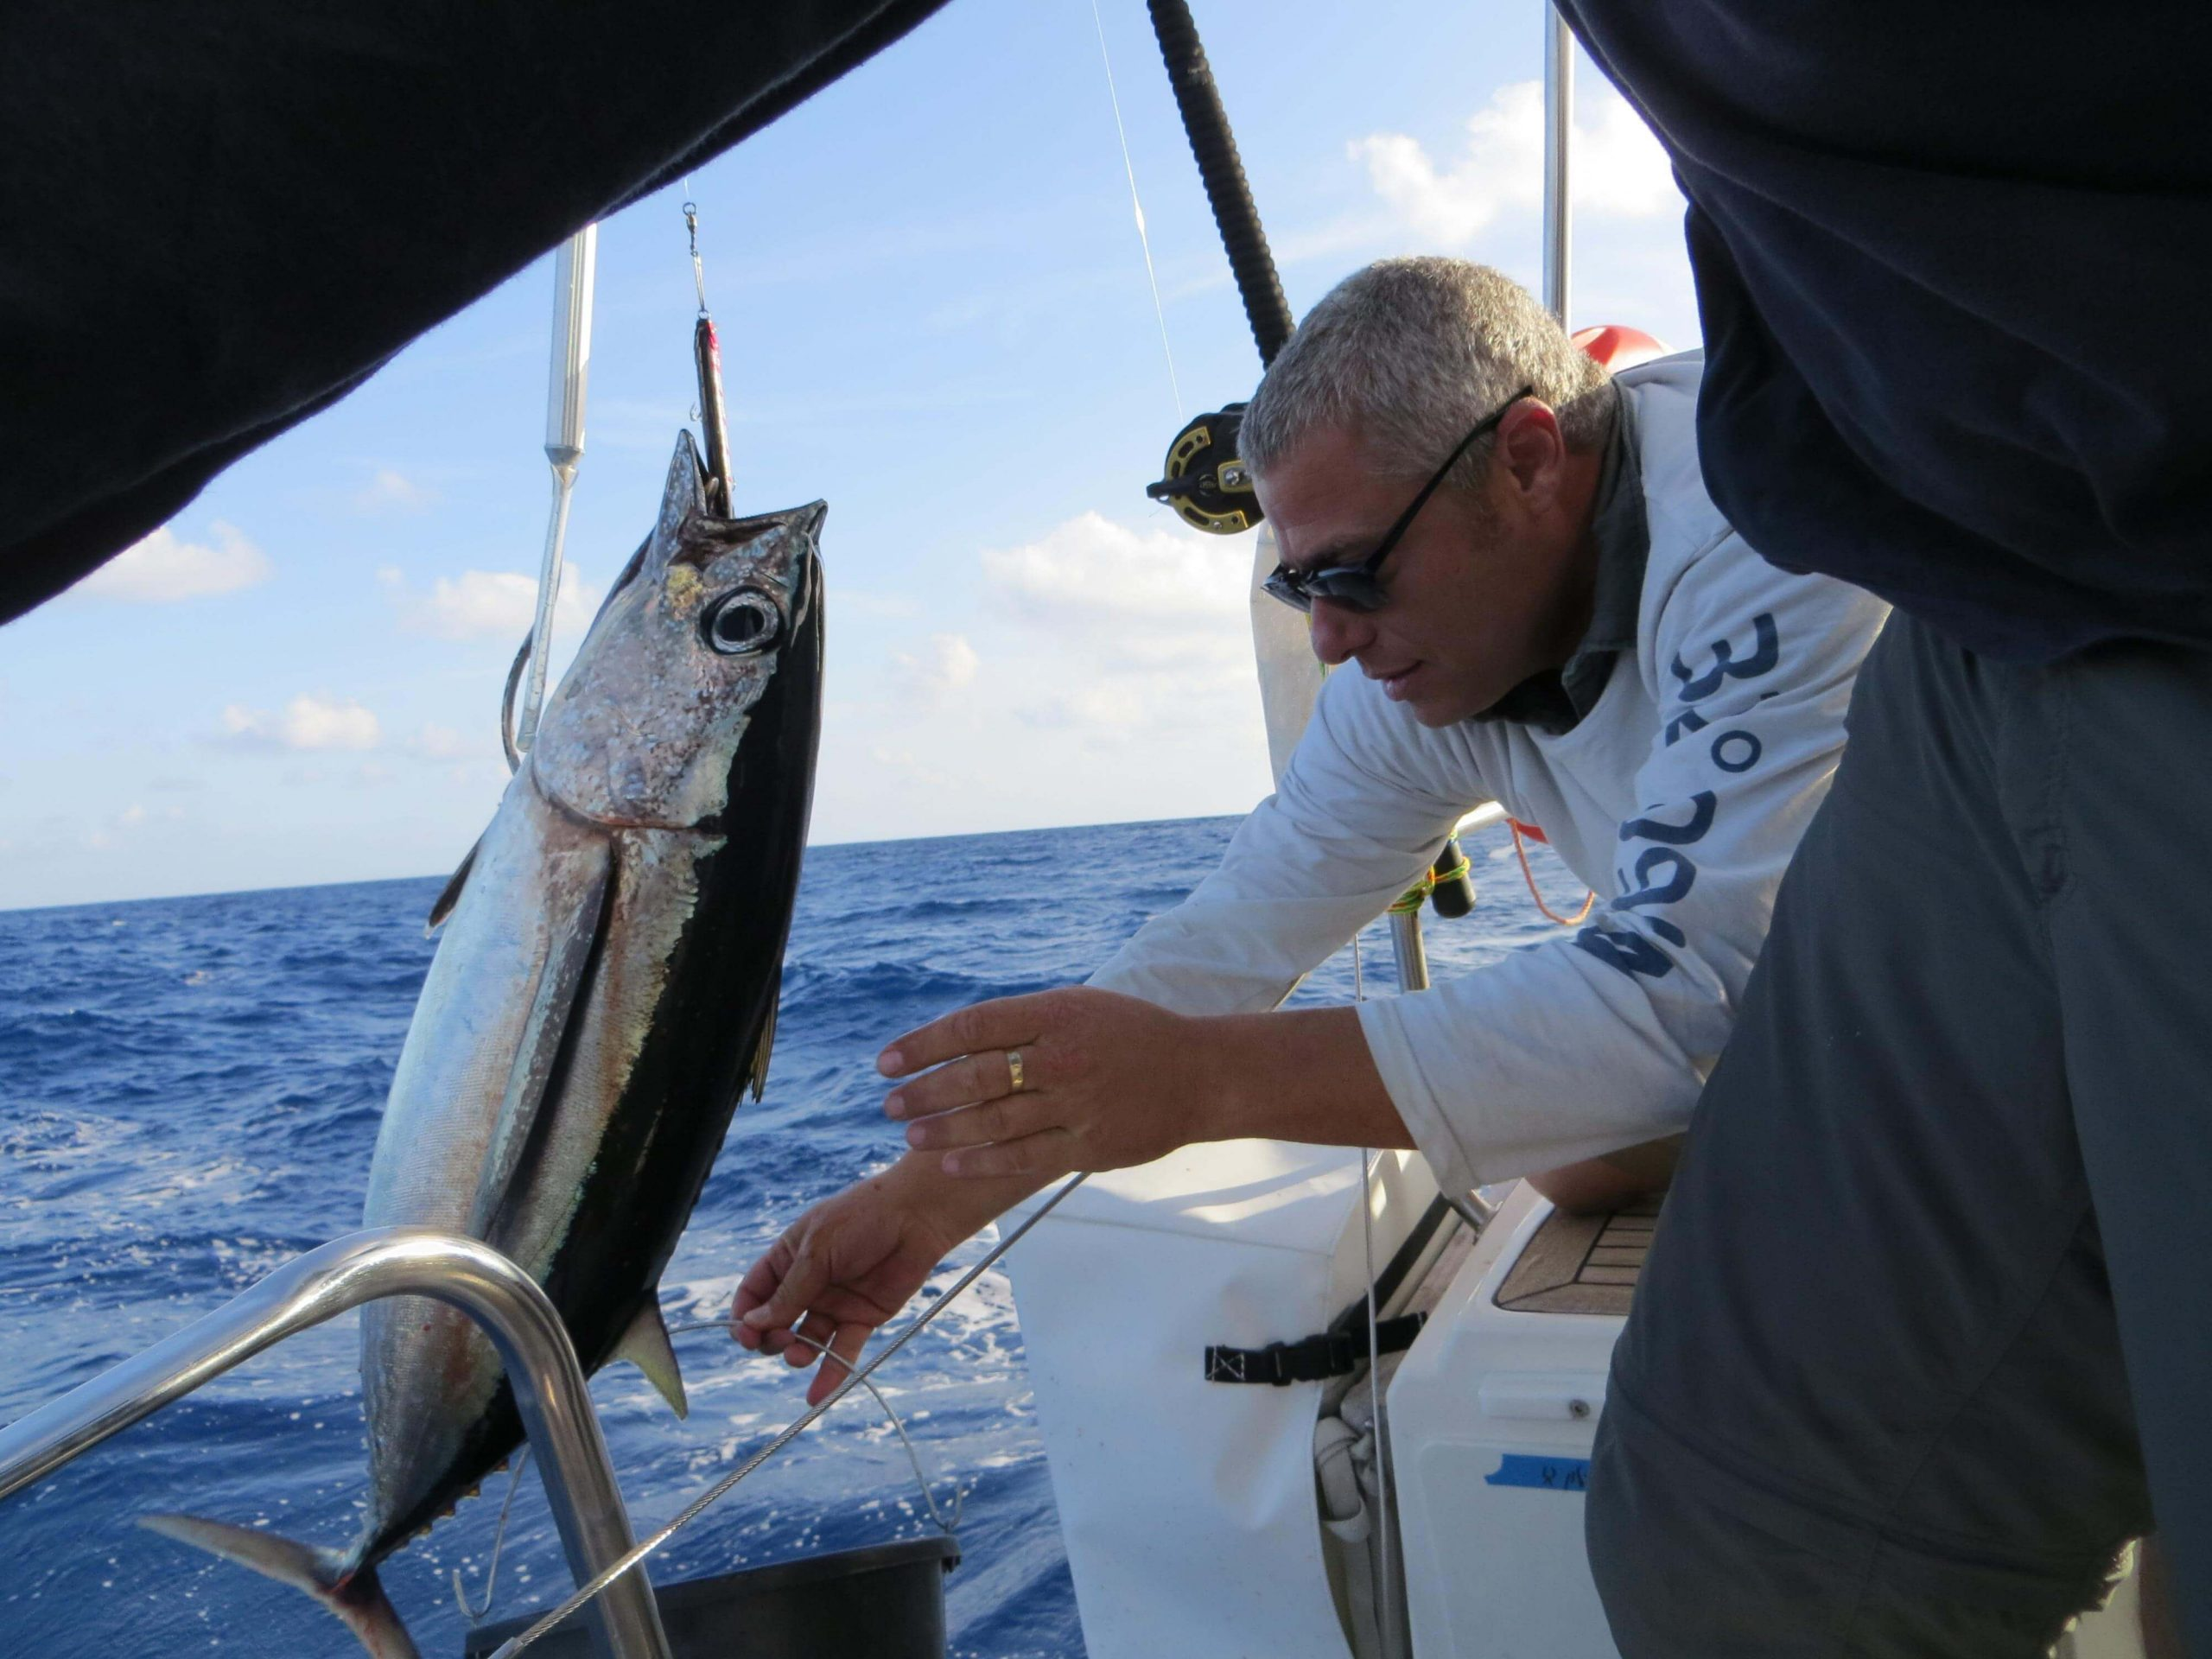 הפלגה לקפריסין - אפשר גם לדוג